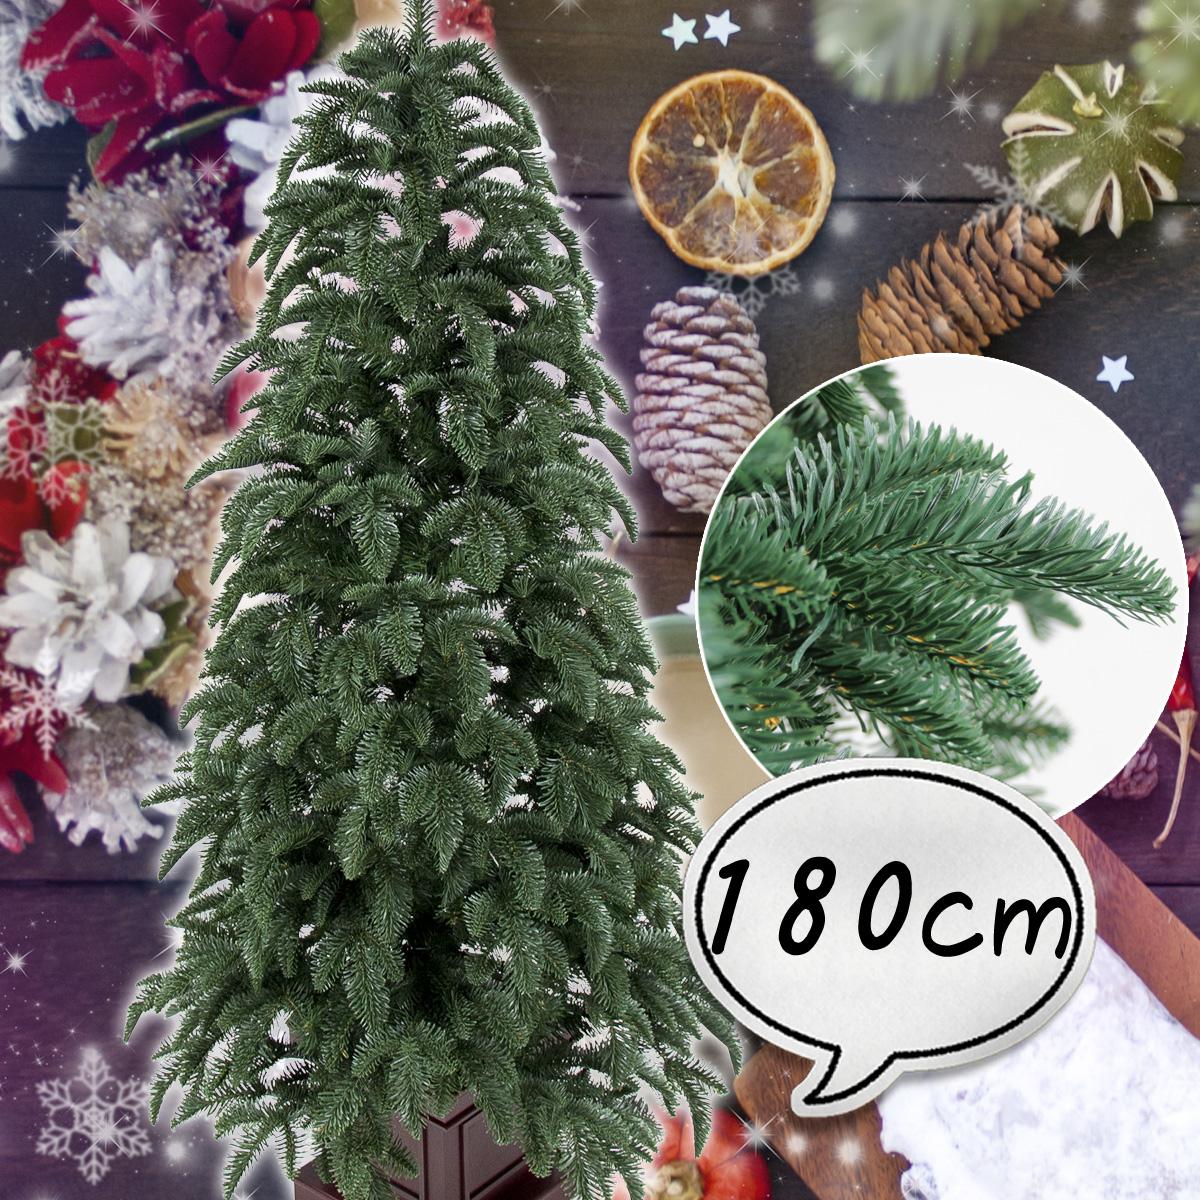 クリスマスツリー 180cm リアルスプルースツリー 木製ポット ポットツリー 葉は本物のような肉厚 北欧 おしゃれ ウッドベース